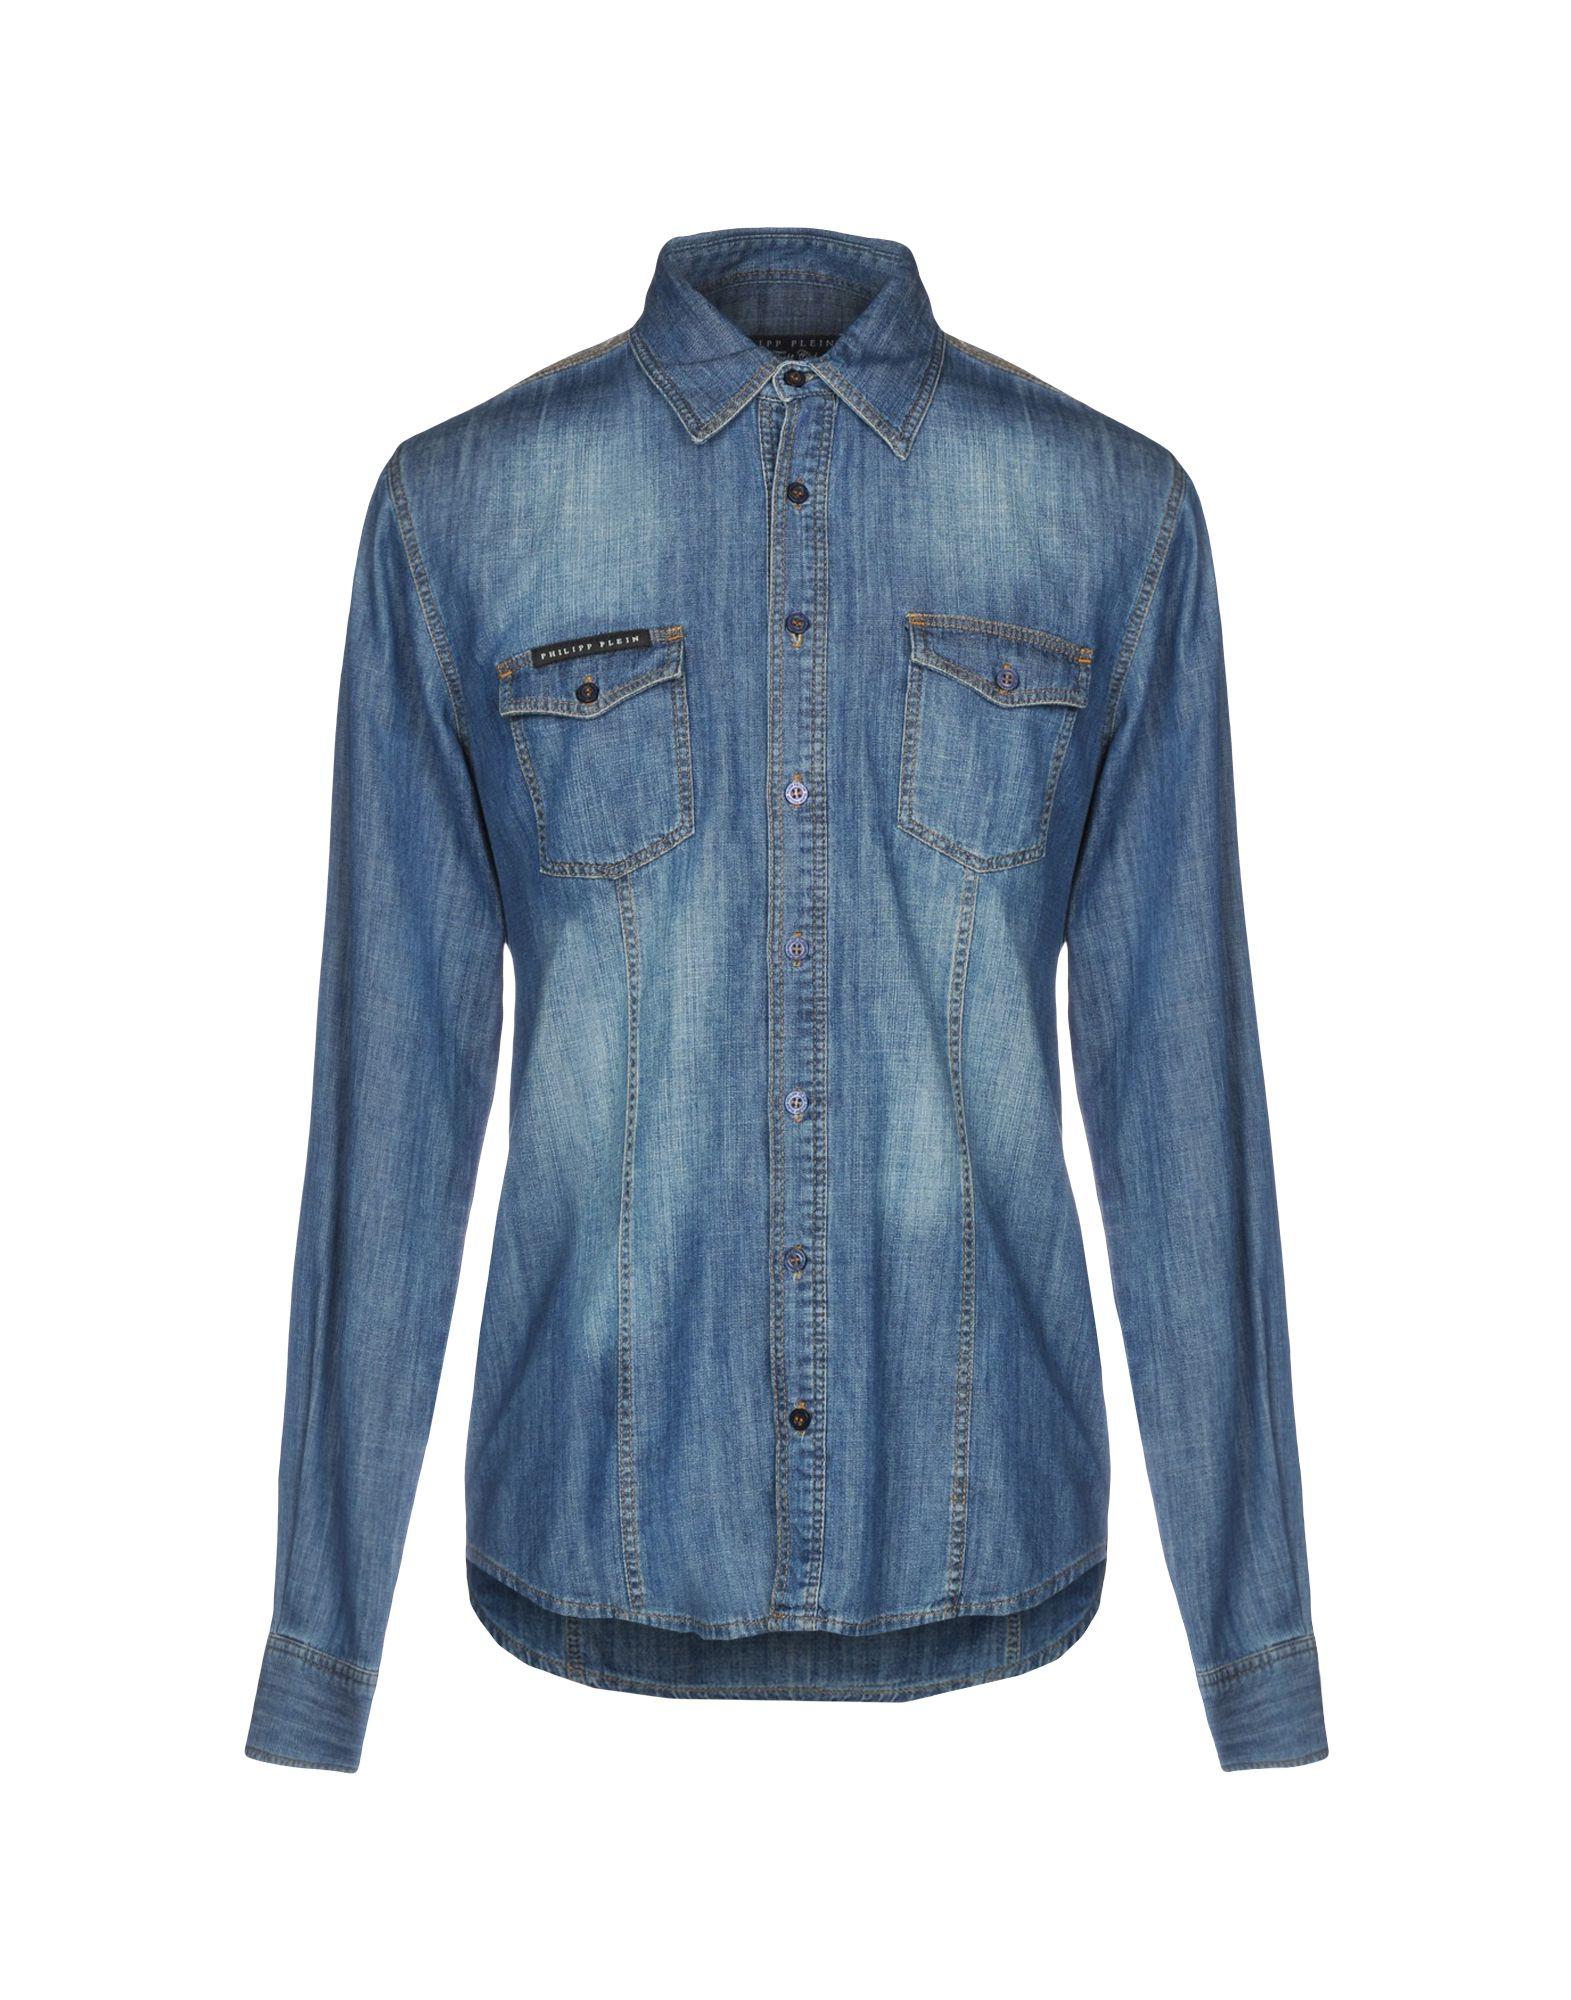 купить PHILIPP PLEIN Джинсовая рубашка по цене 19250 рублей